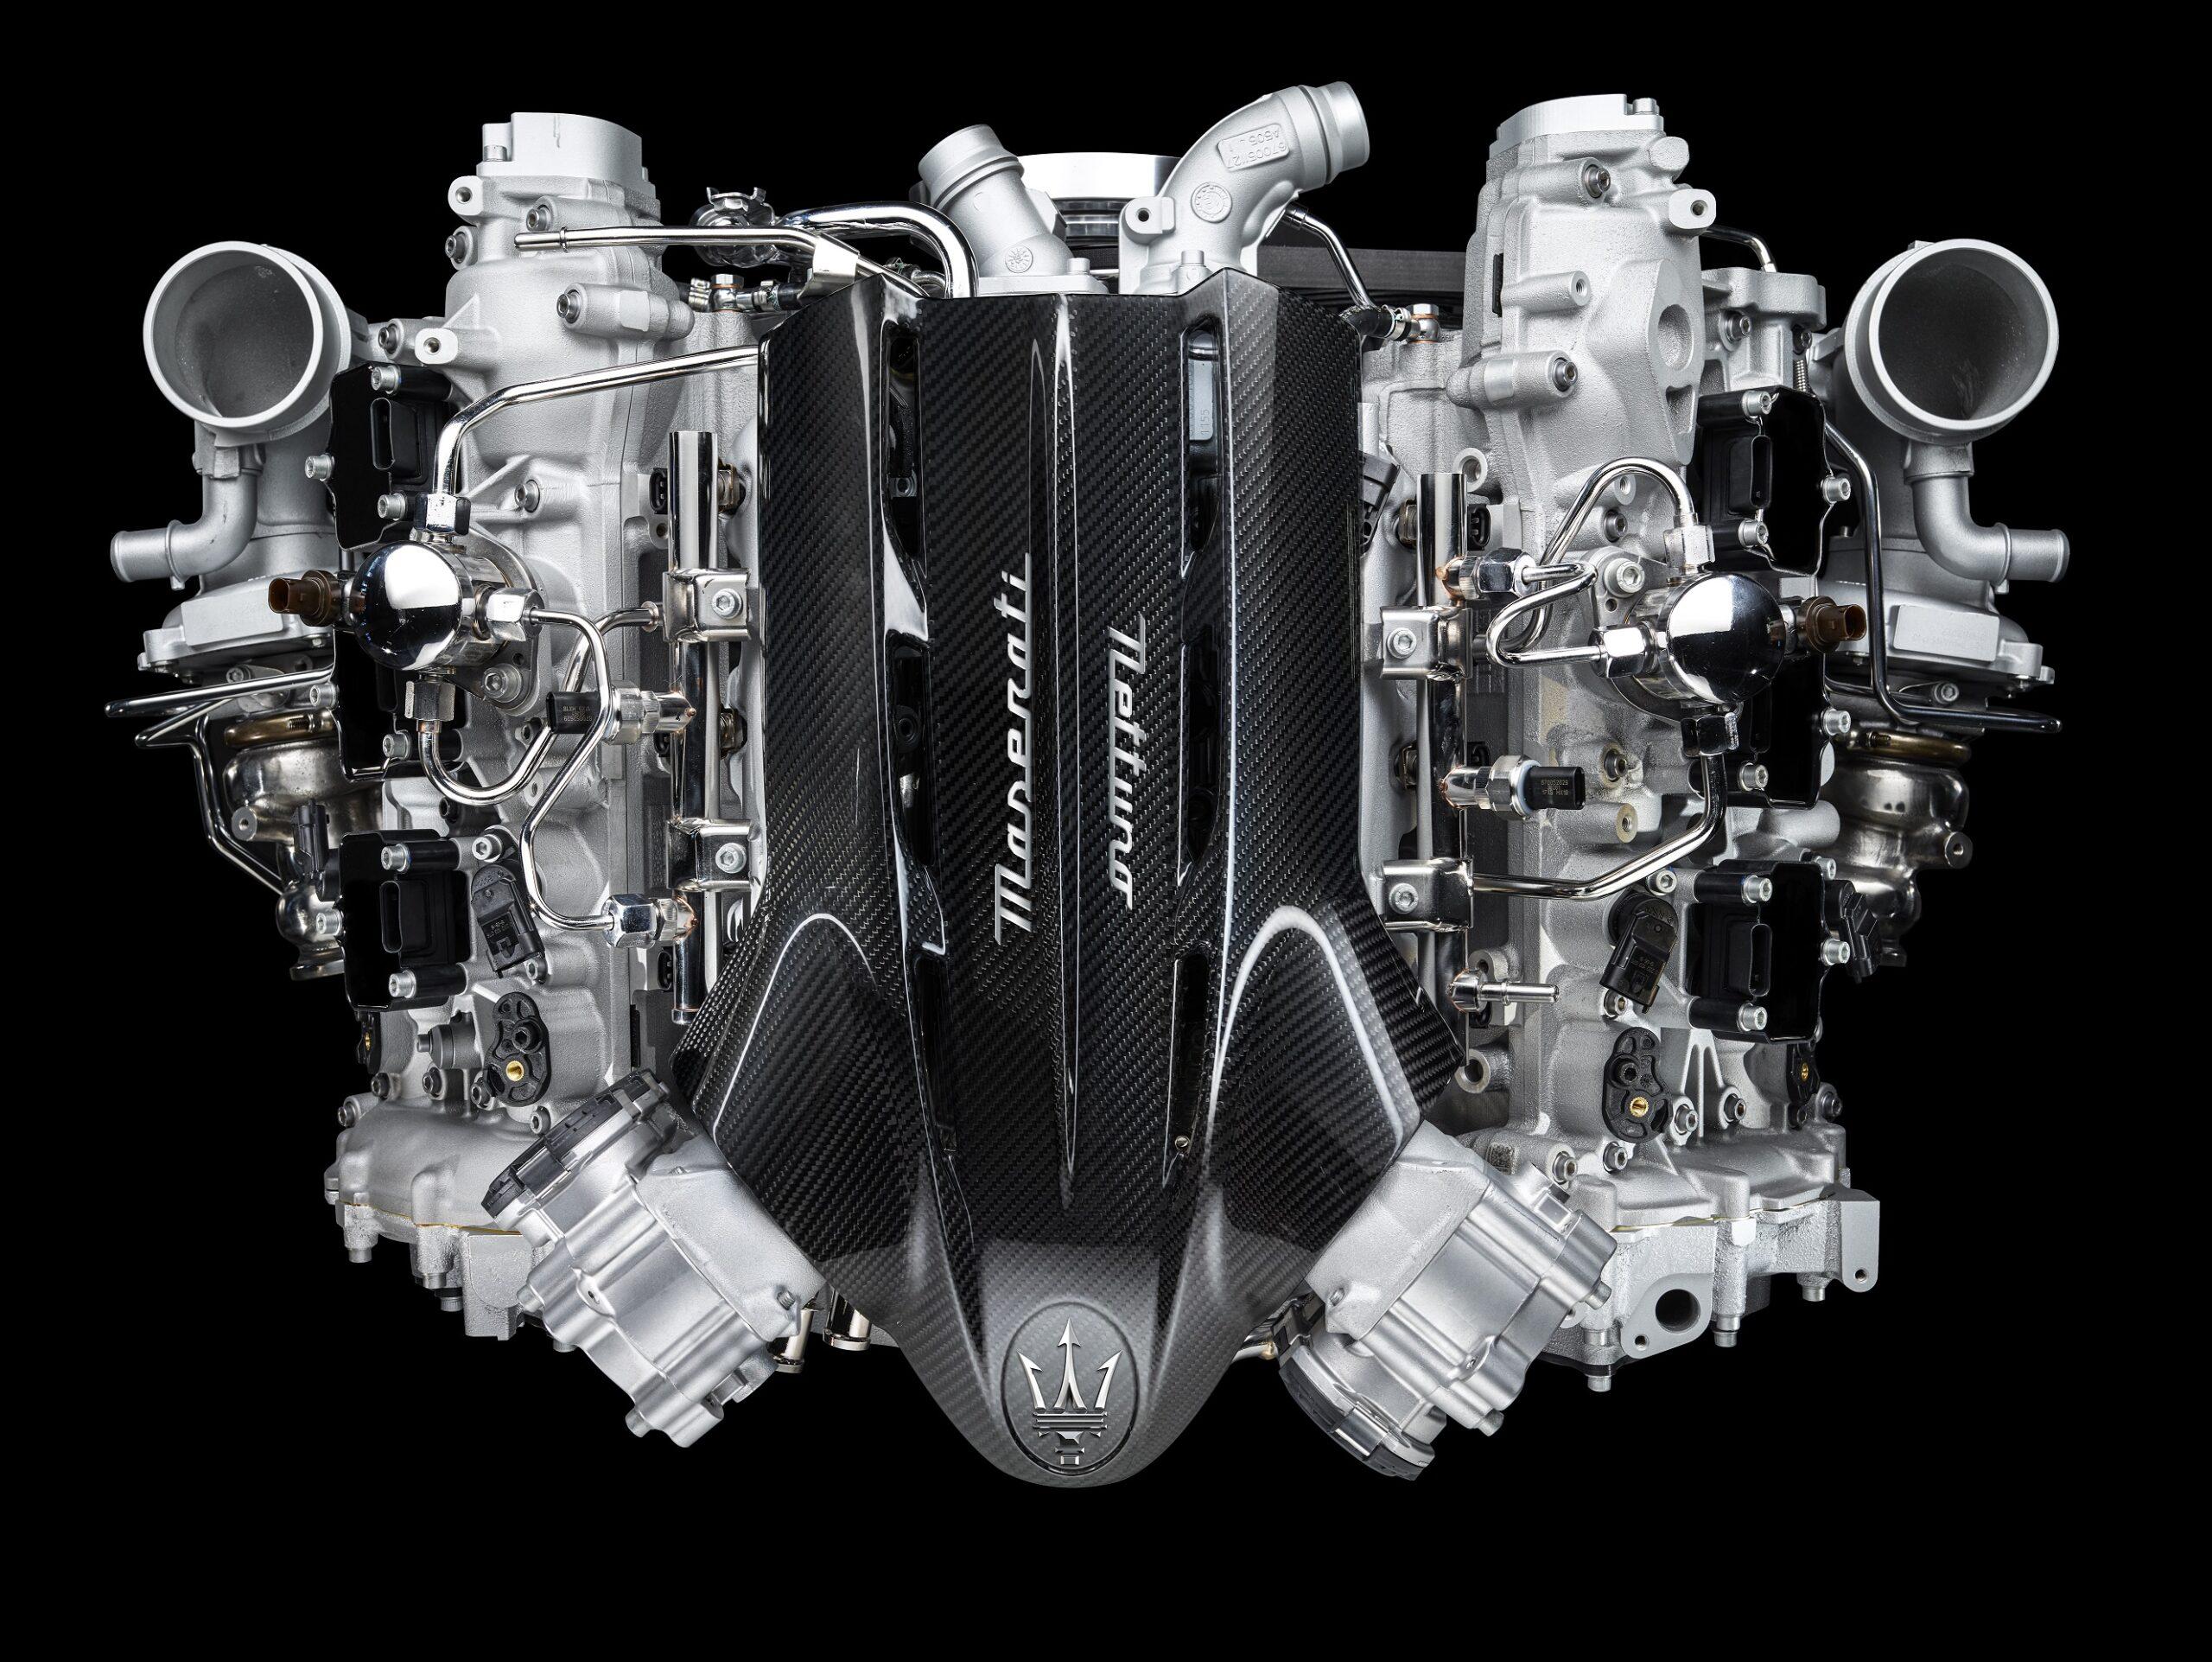 Nettuno: noul motor 100% Maserati care adoptă tehnologia F1 pentru o mașină de oraș